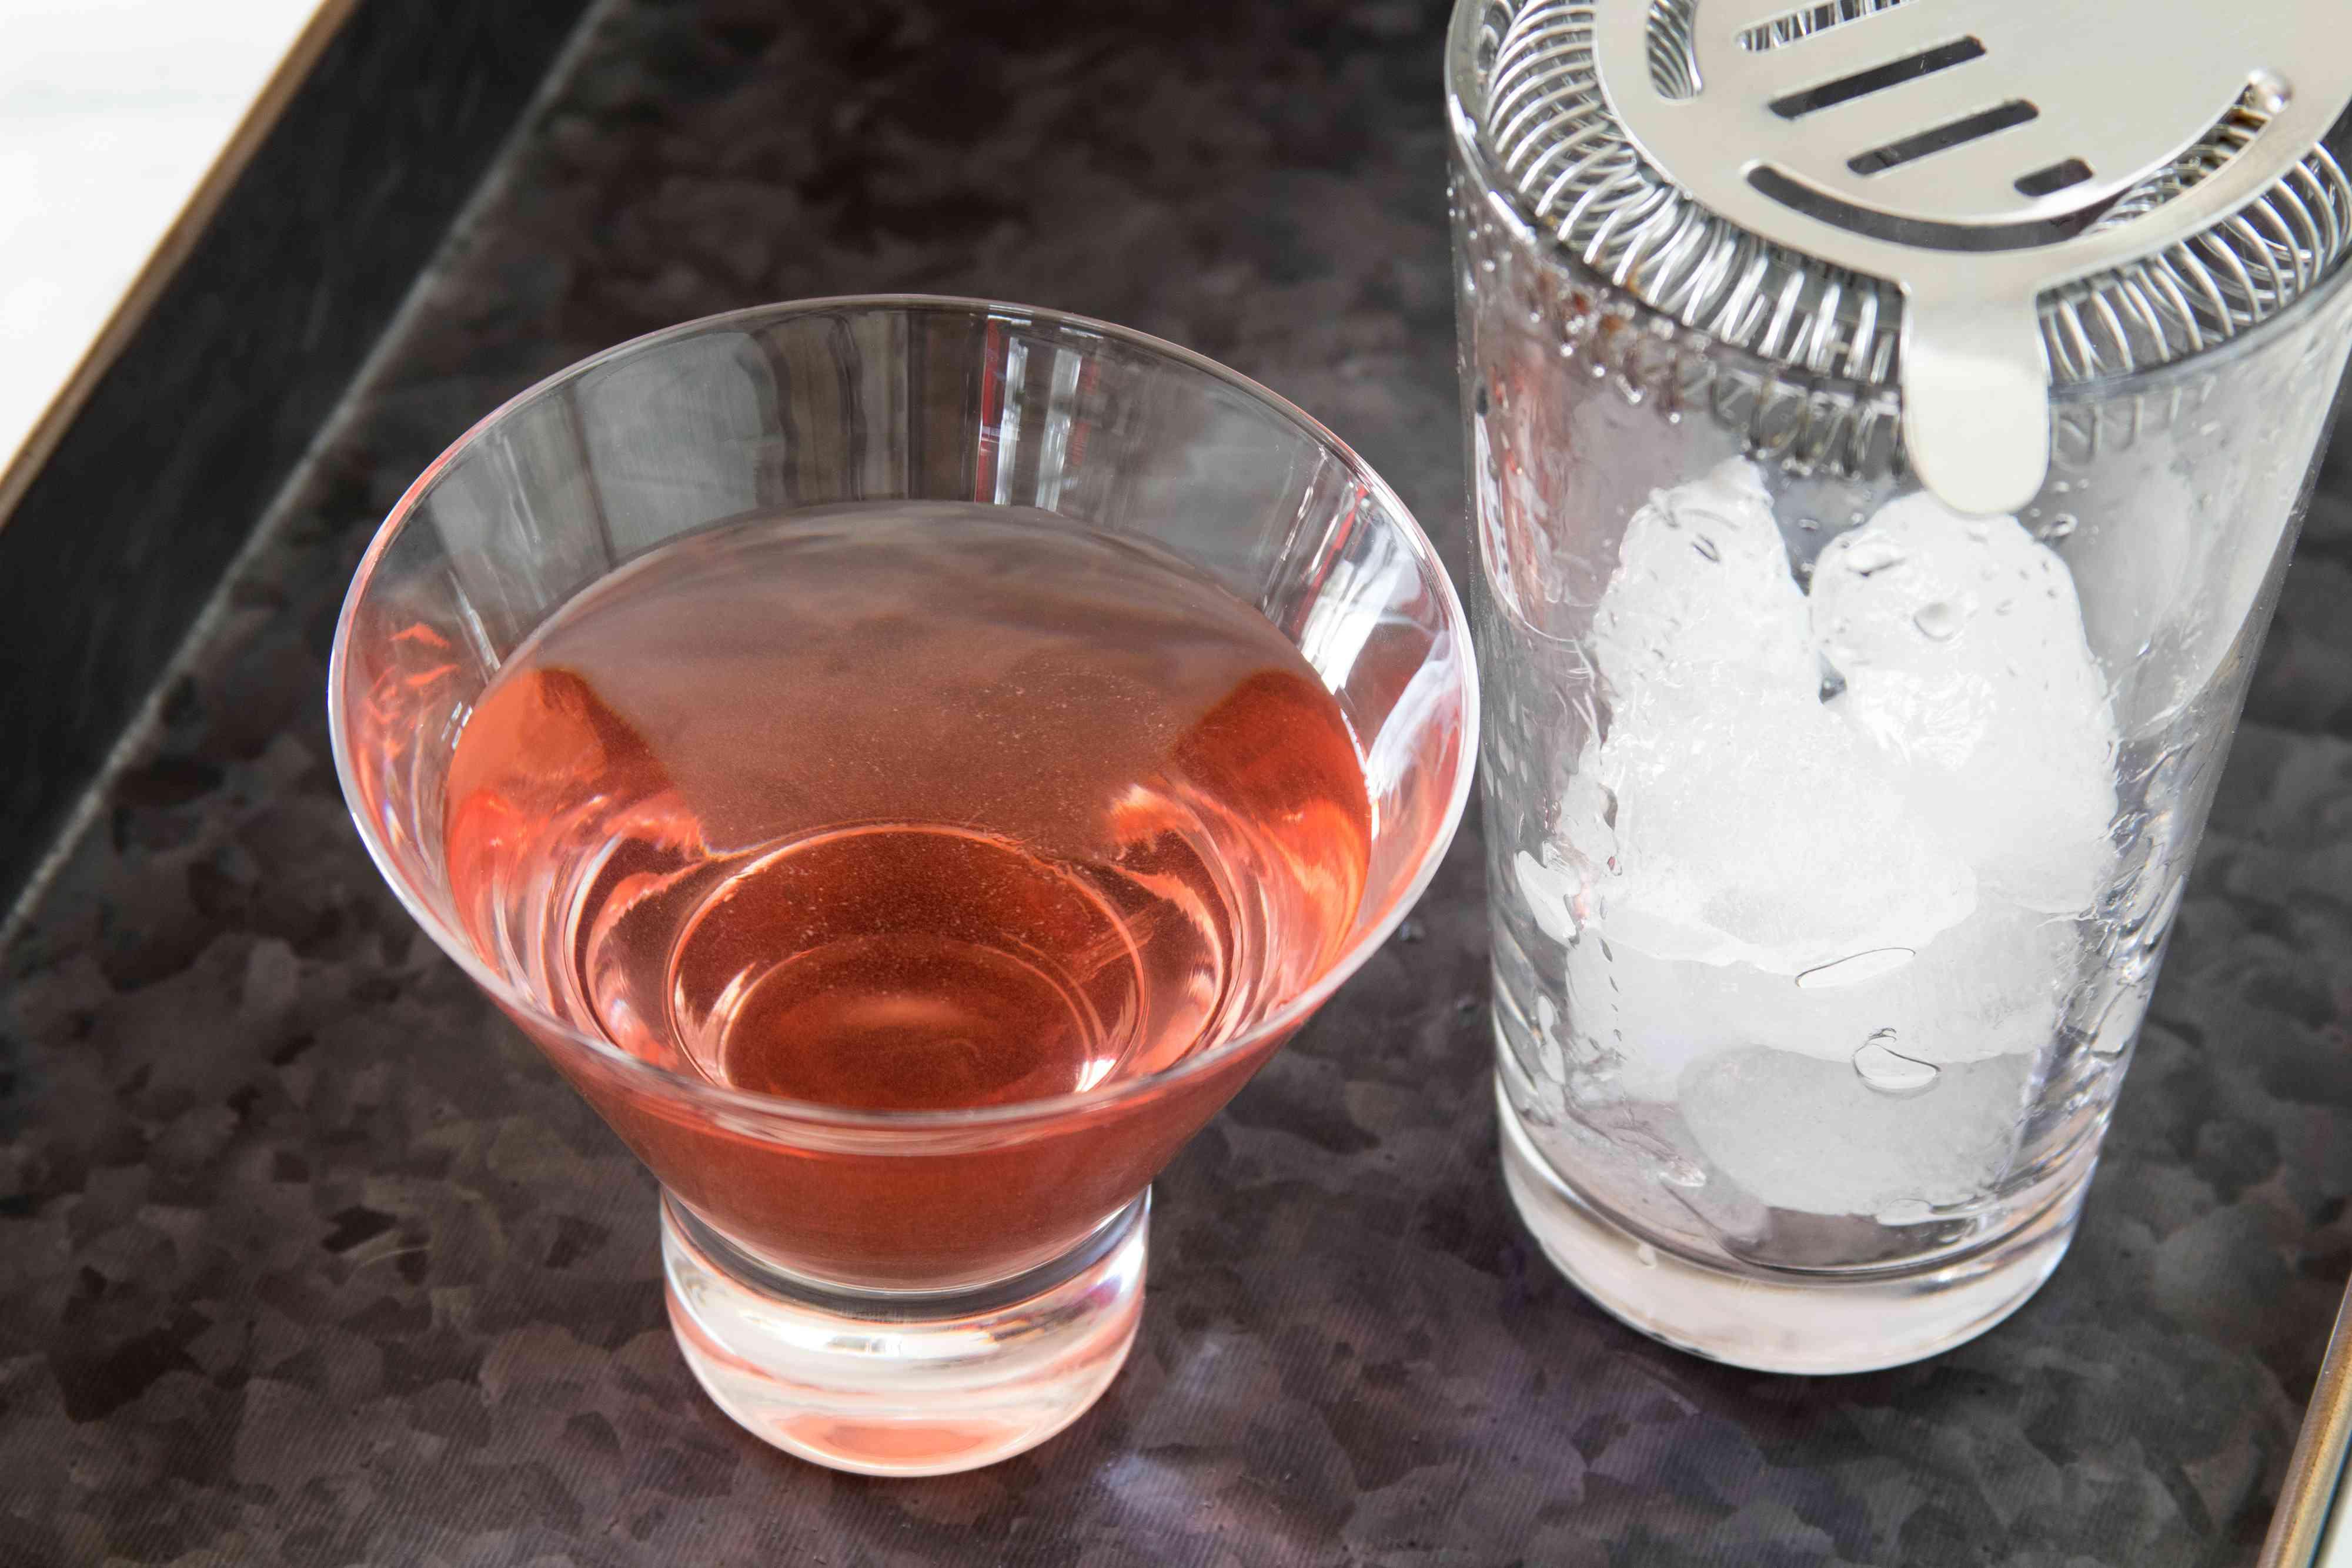 Straining a Gummy Bear Martini